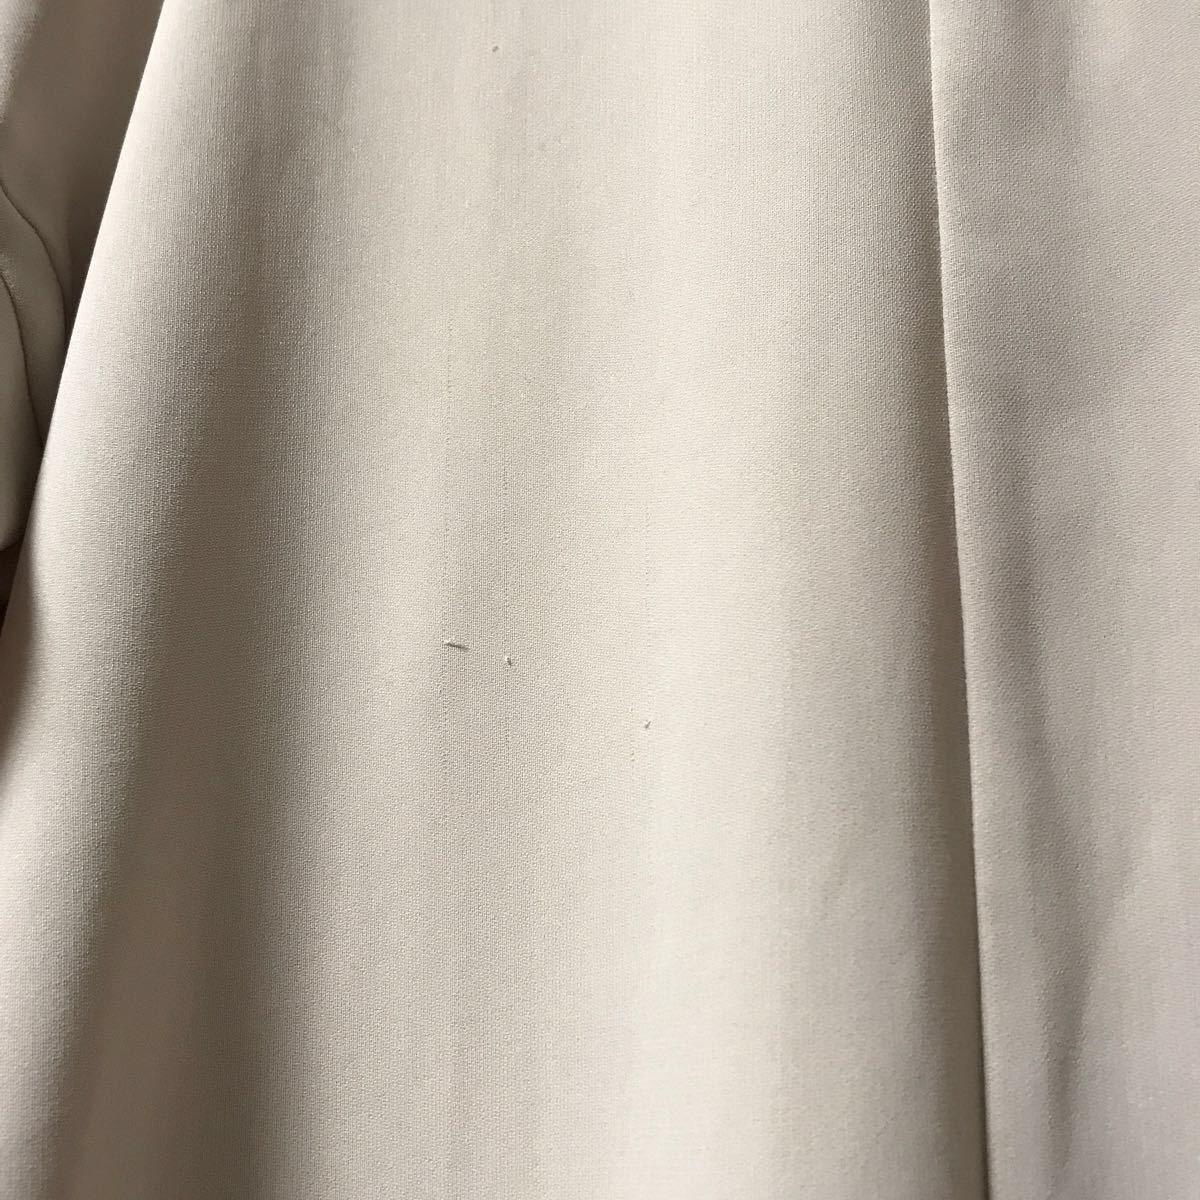 シャツワンピース ナノユニバース ベージュ ロングシャツブラウス シフォン